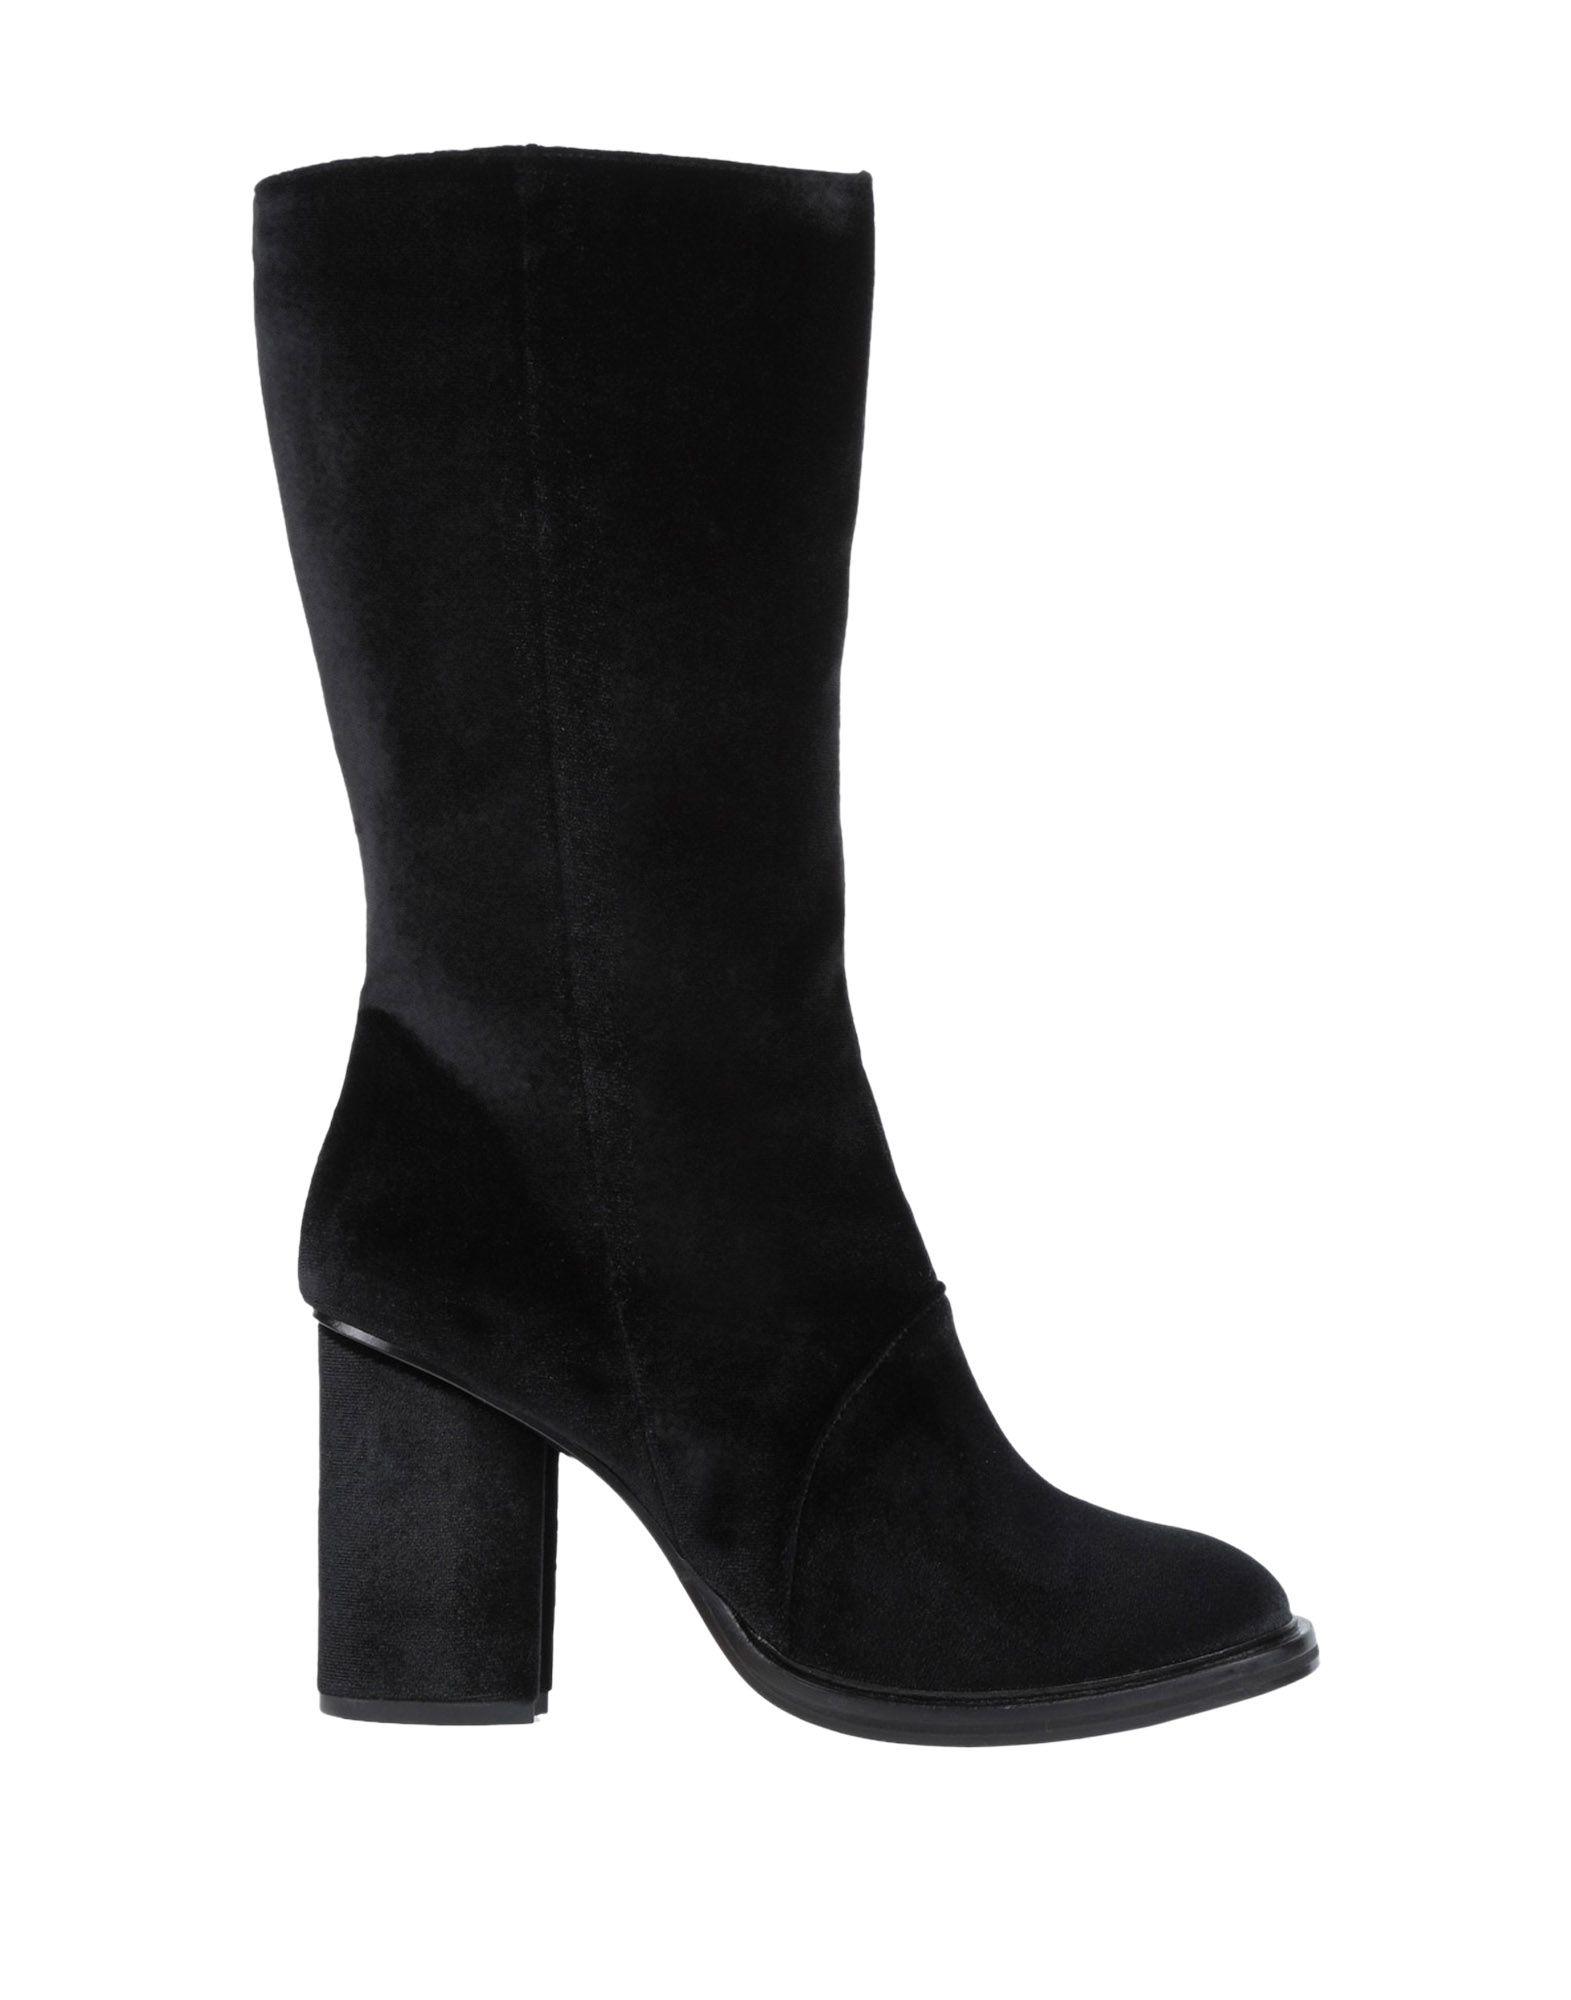 Tipe E Tacchi Stiefel Damen  11516717WI Neue Schuhe